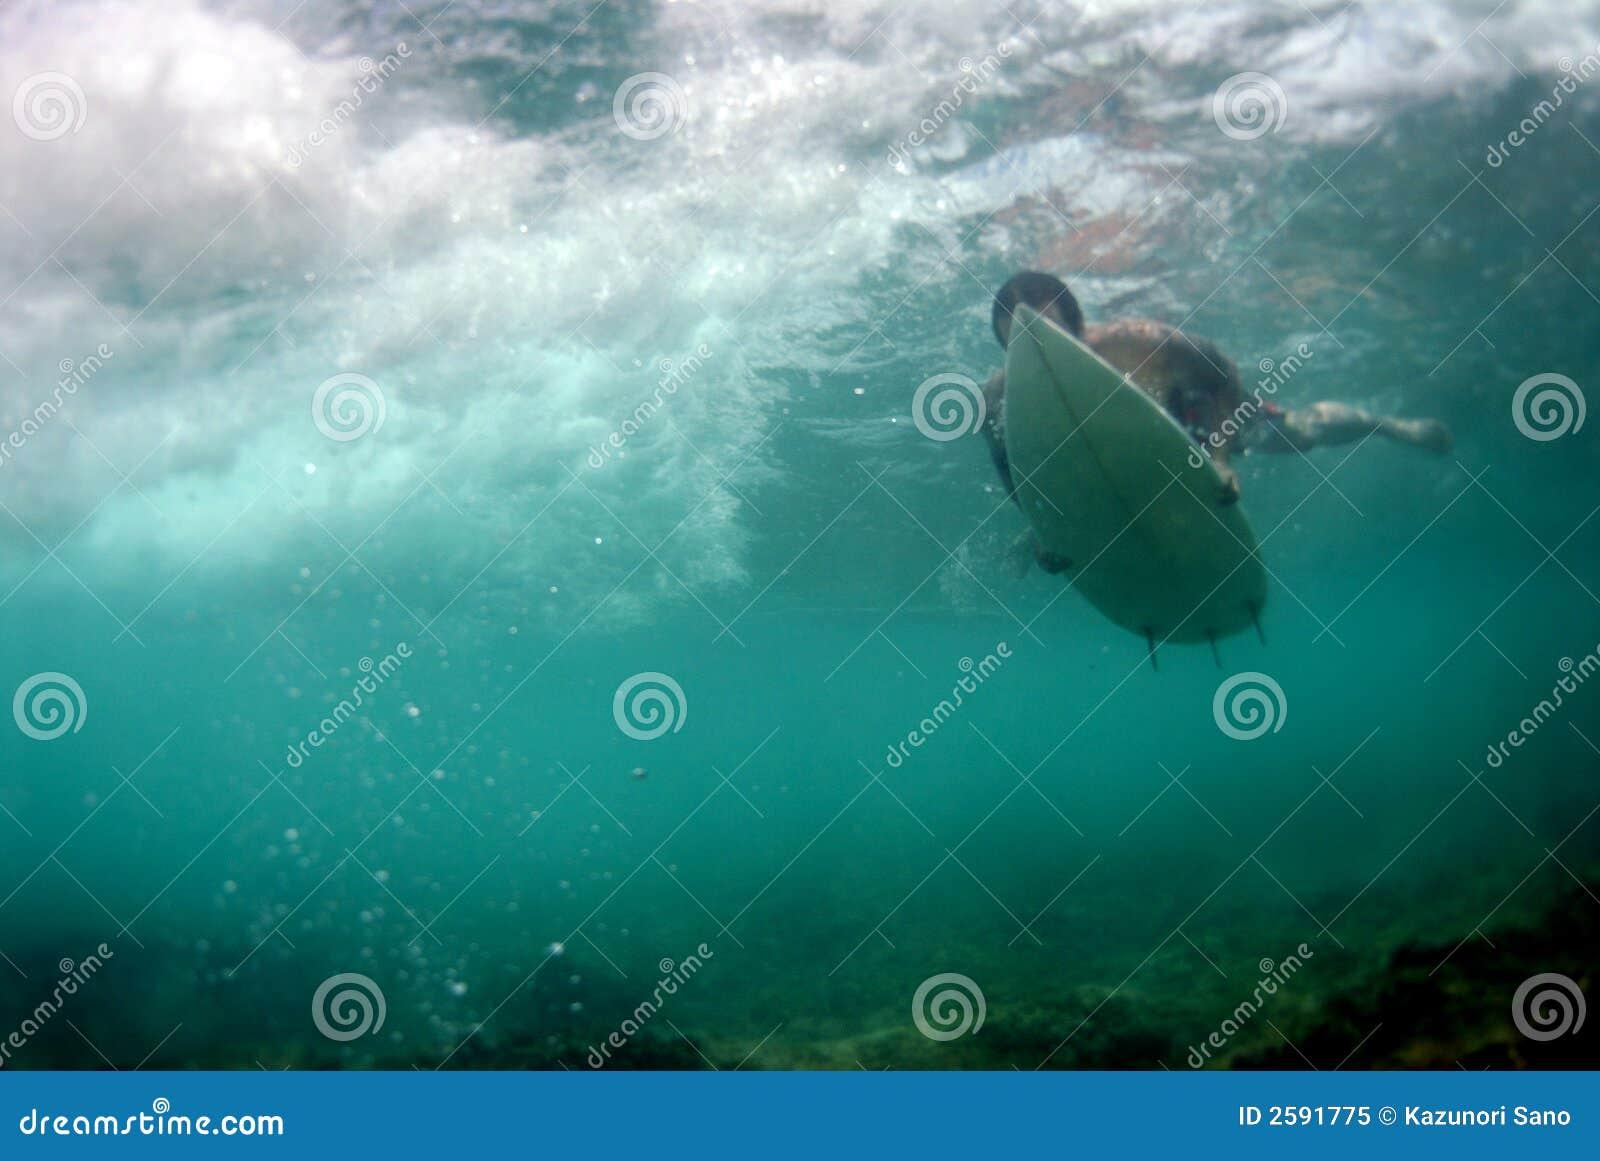 Surfer Duckdiving